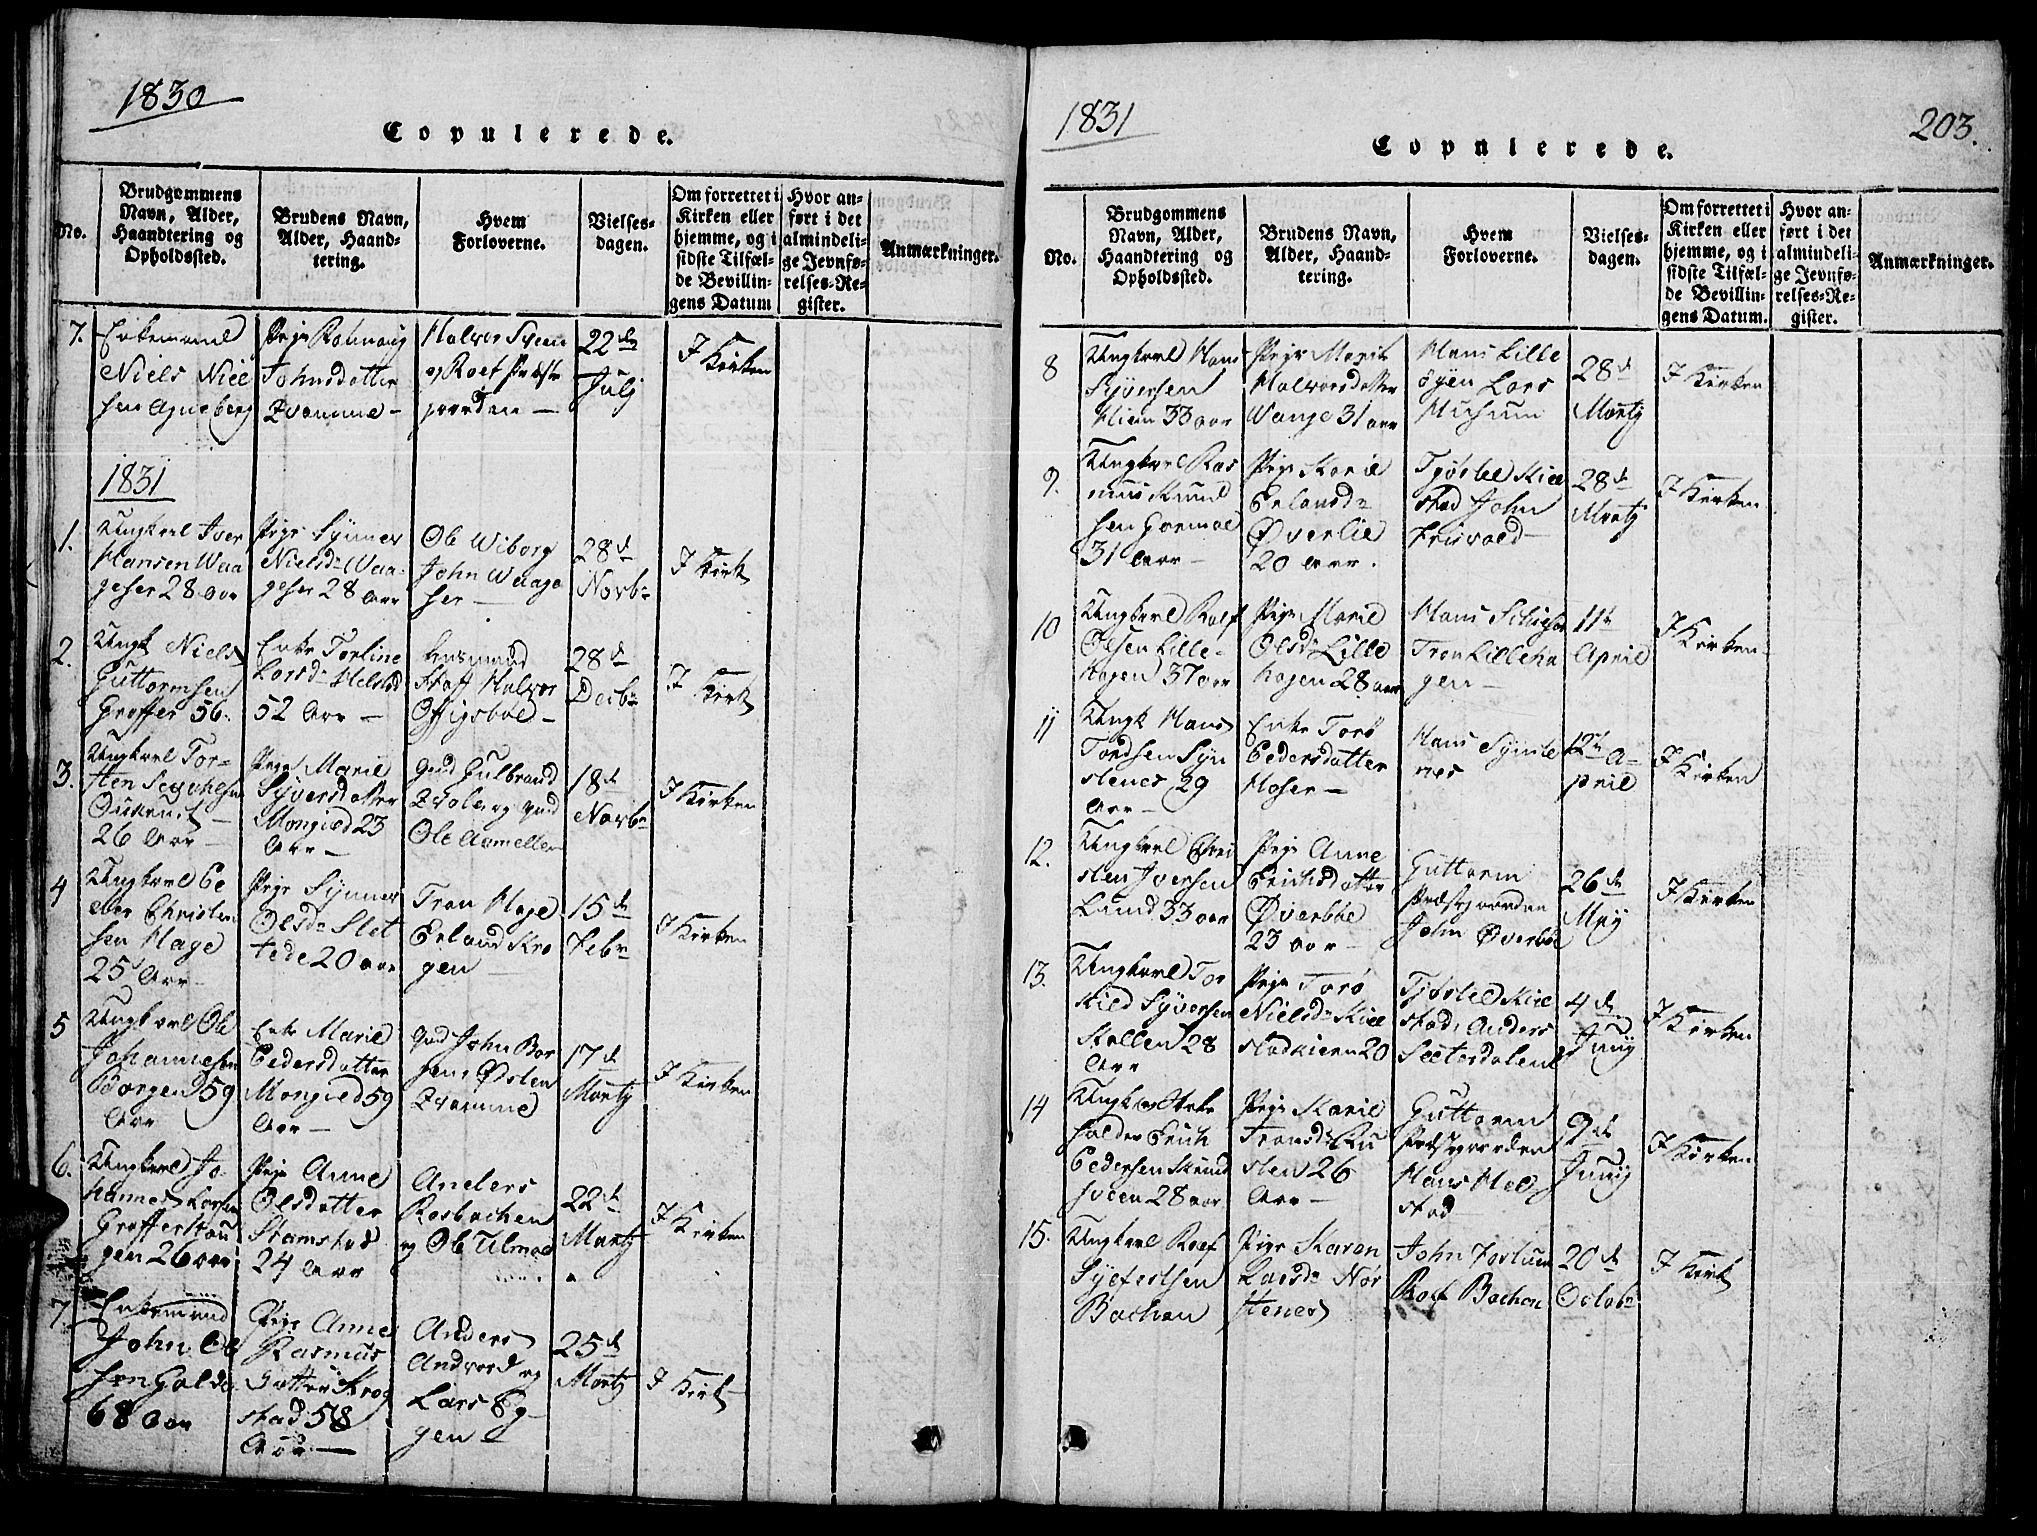 SAH, Lom prestekontor, L/L0001: Klokkerbok nr. 1, 1815-1836, s. 203